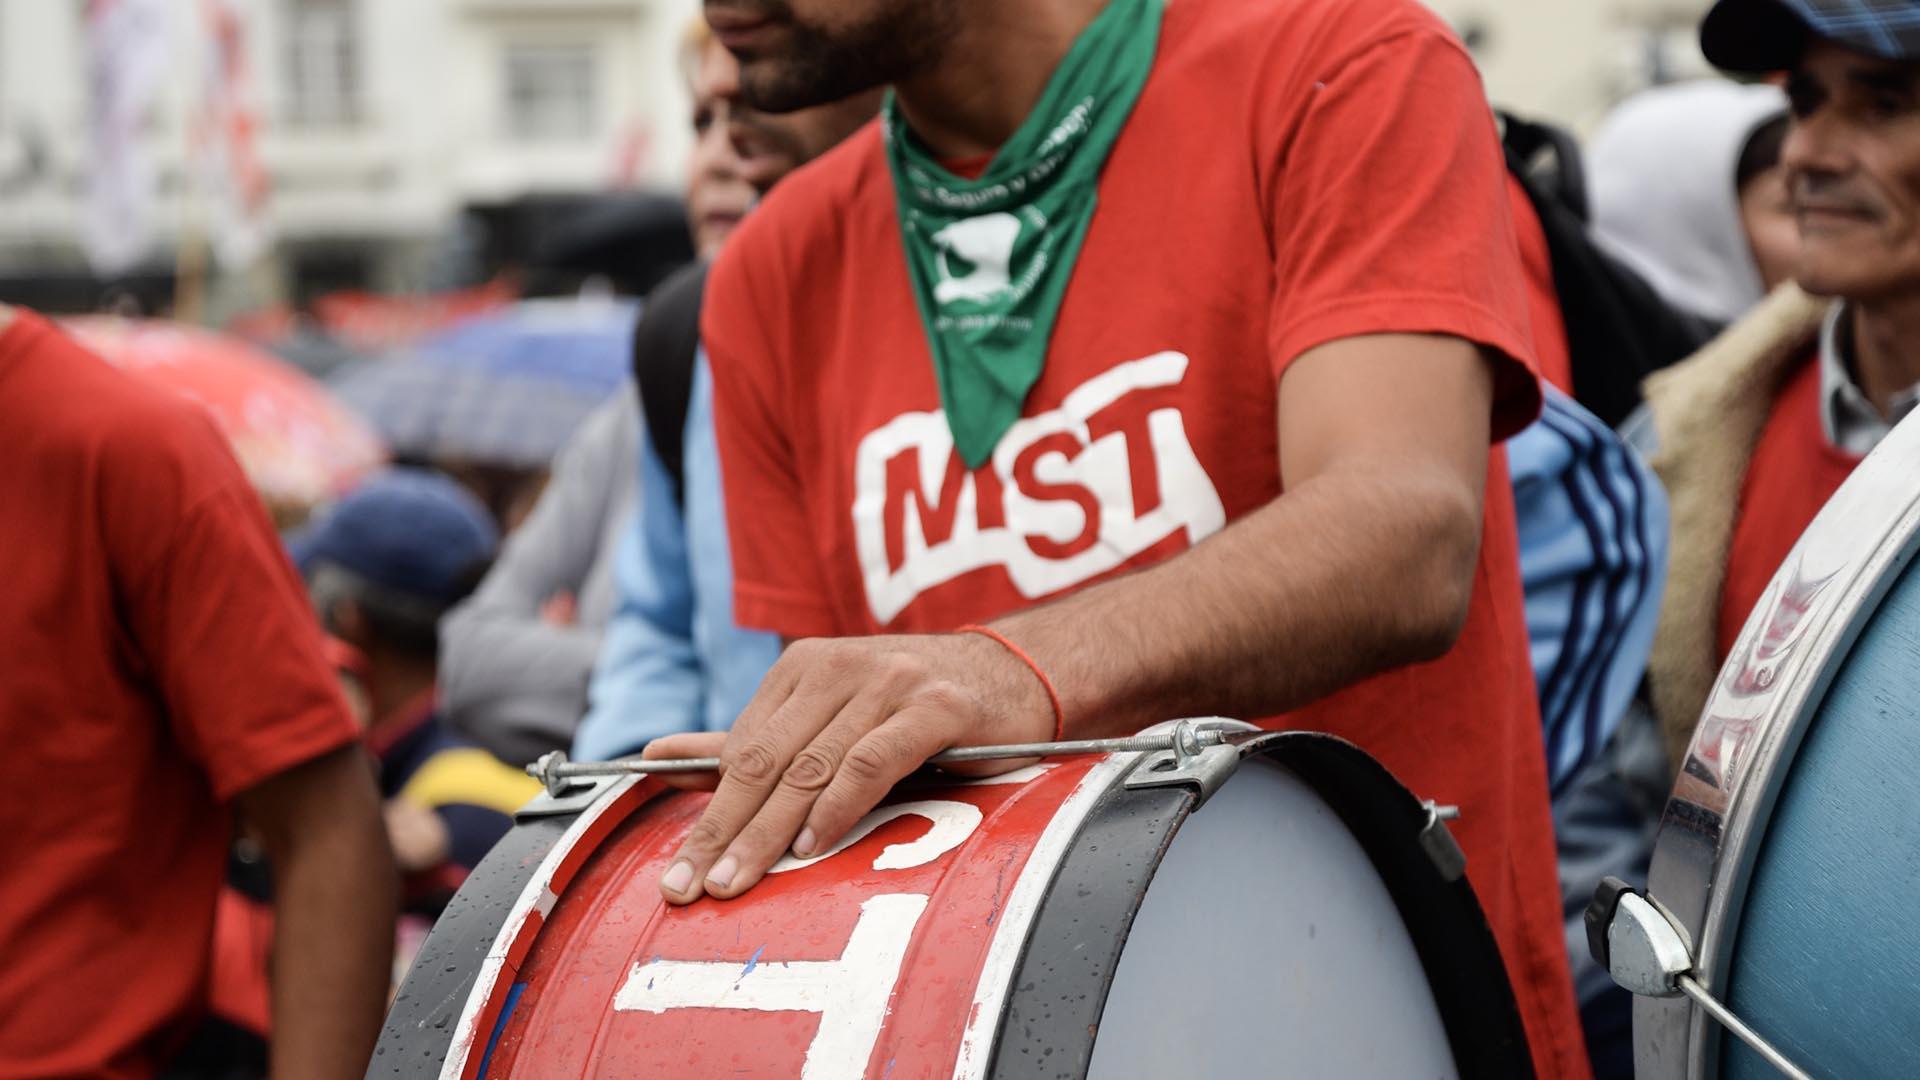 Los militantes del MST se manifestaron contra el proyecto de reforma laboral del oficialismo